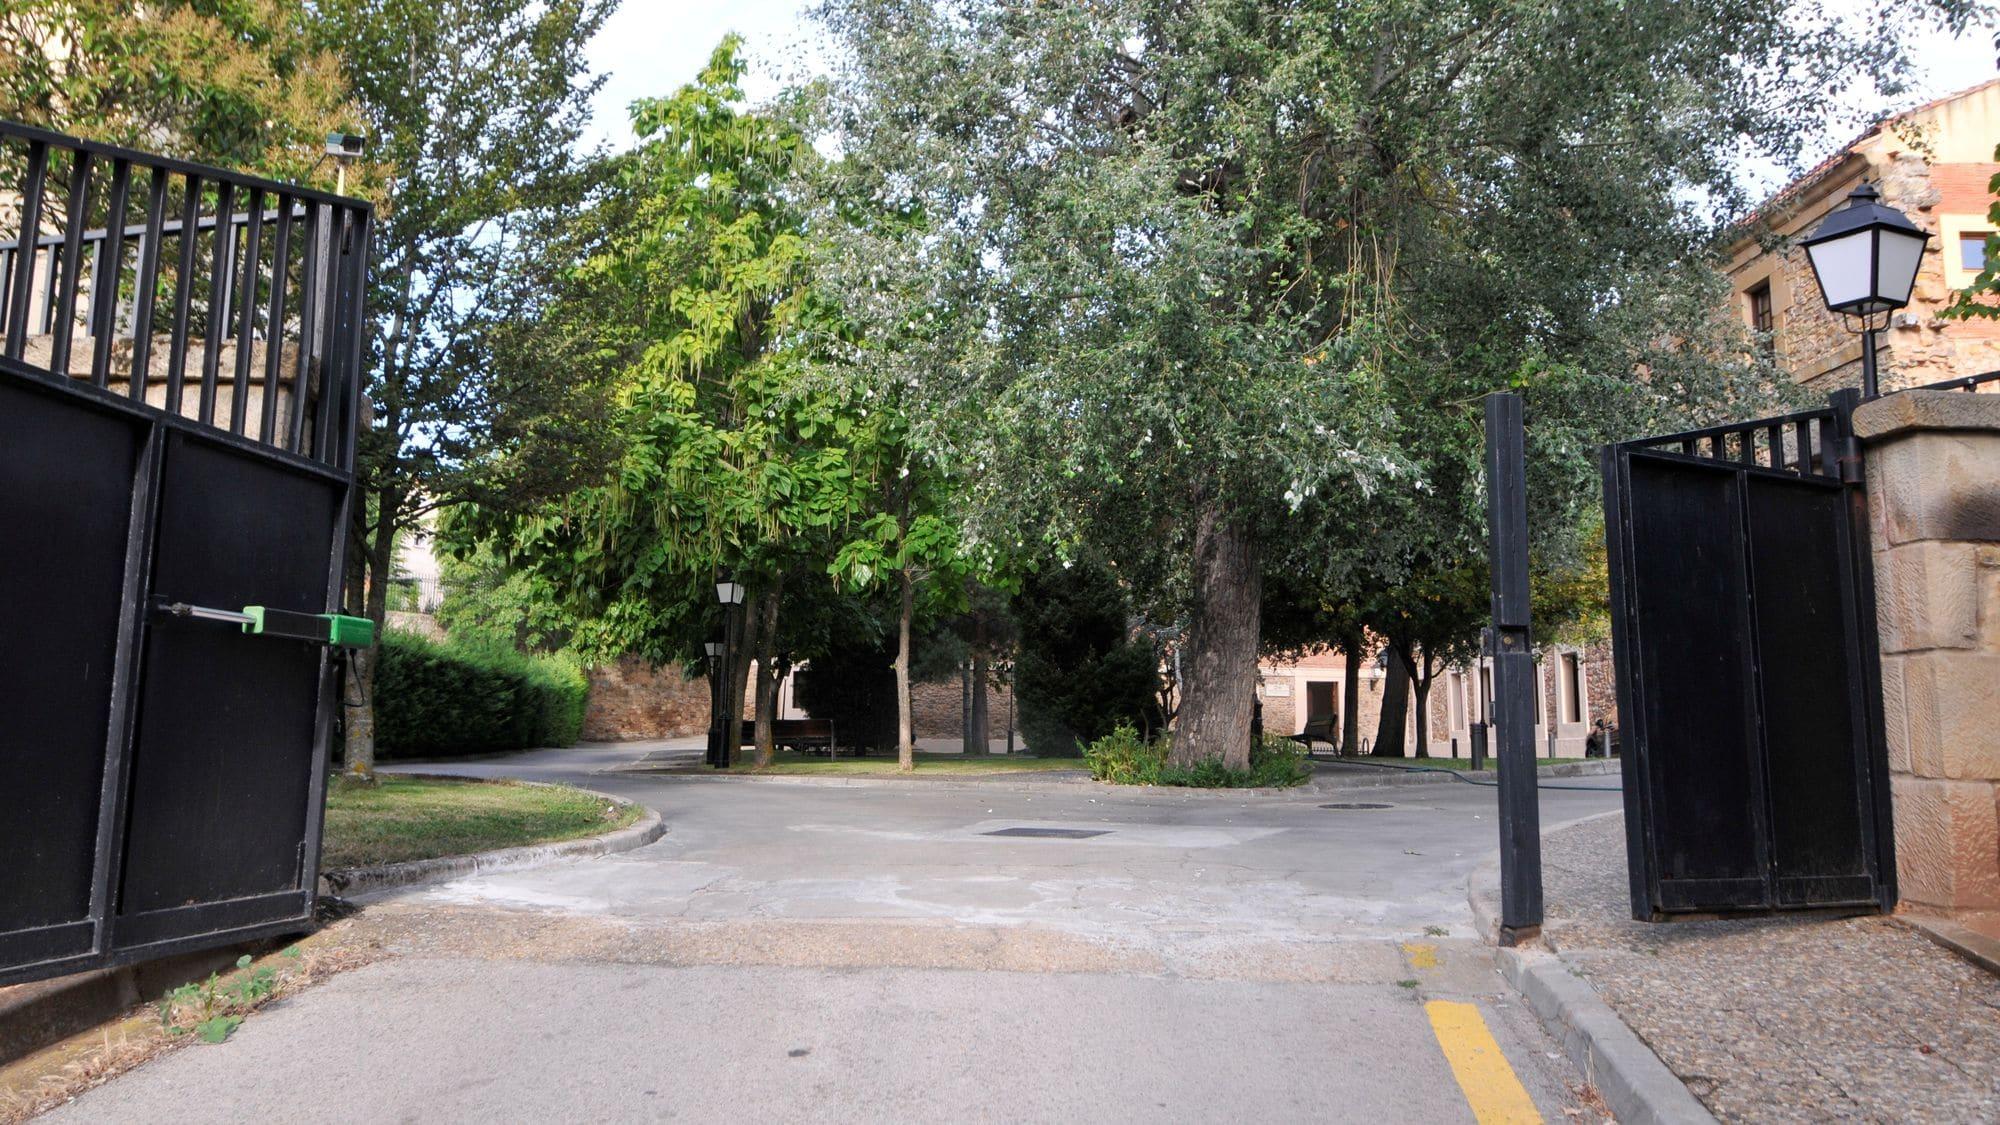 https://funge.uva.es/wp-content/uploads/2020/12/Entrada-Residencia-Duques-de-Soria-Universidad-de-Valladolid.jpg